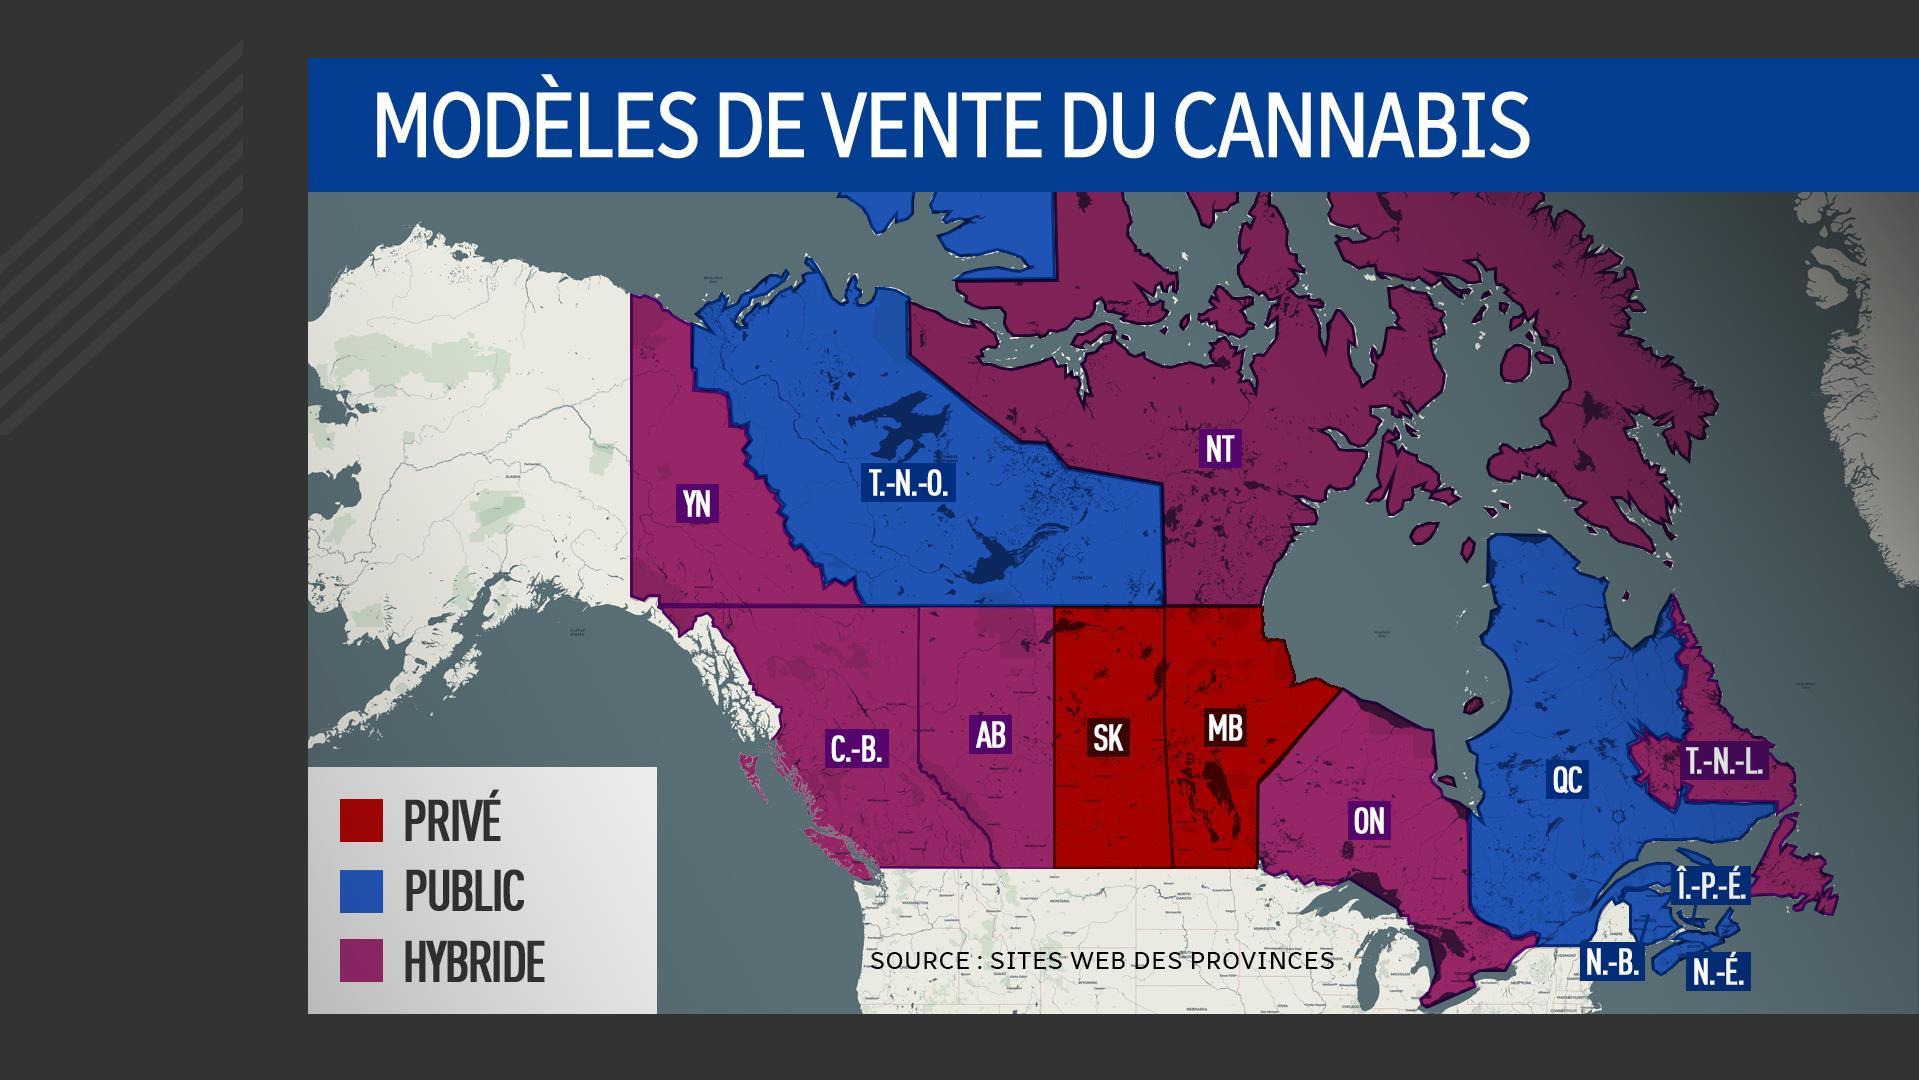 Le Quebec Les Maritimes Et Territoires Du Nord Ouest Ont Opte Pour Une Vente Geree Par Secteur Public En Saskatchewan Au Manitoba La Sera